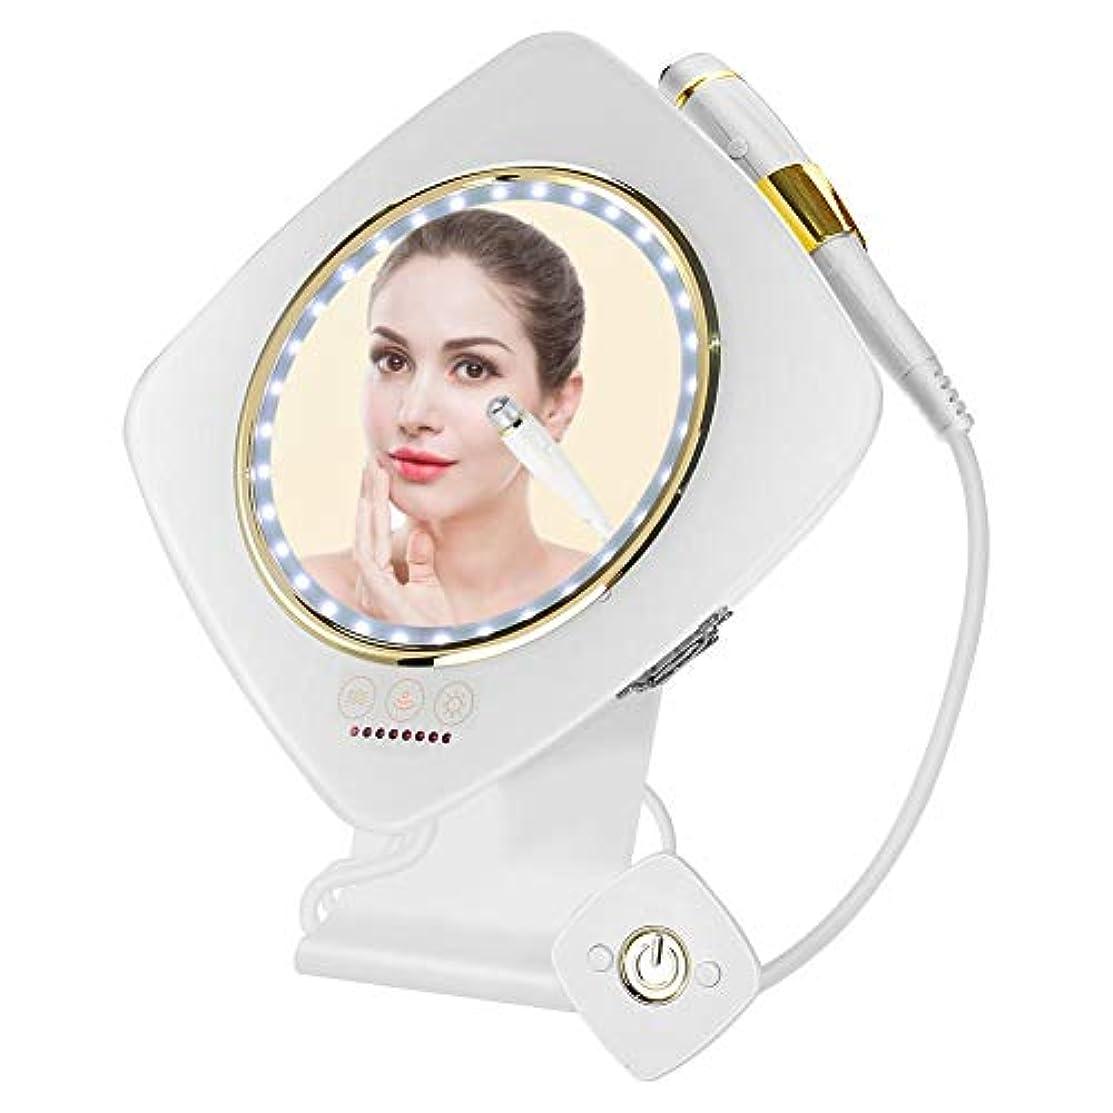 契約した課すオークランドRFの無線周波数の顔機械、顔の目の皮の若返りの美機械のための家のポータブル-本当に良い品質の製品、ゴミの山ではありません